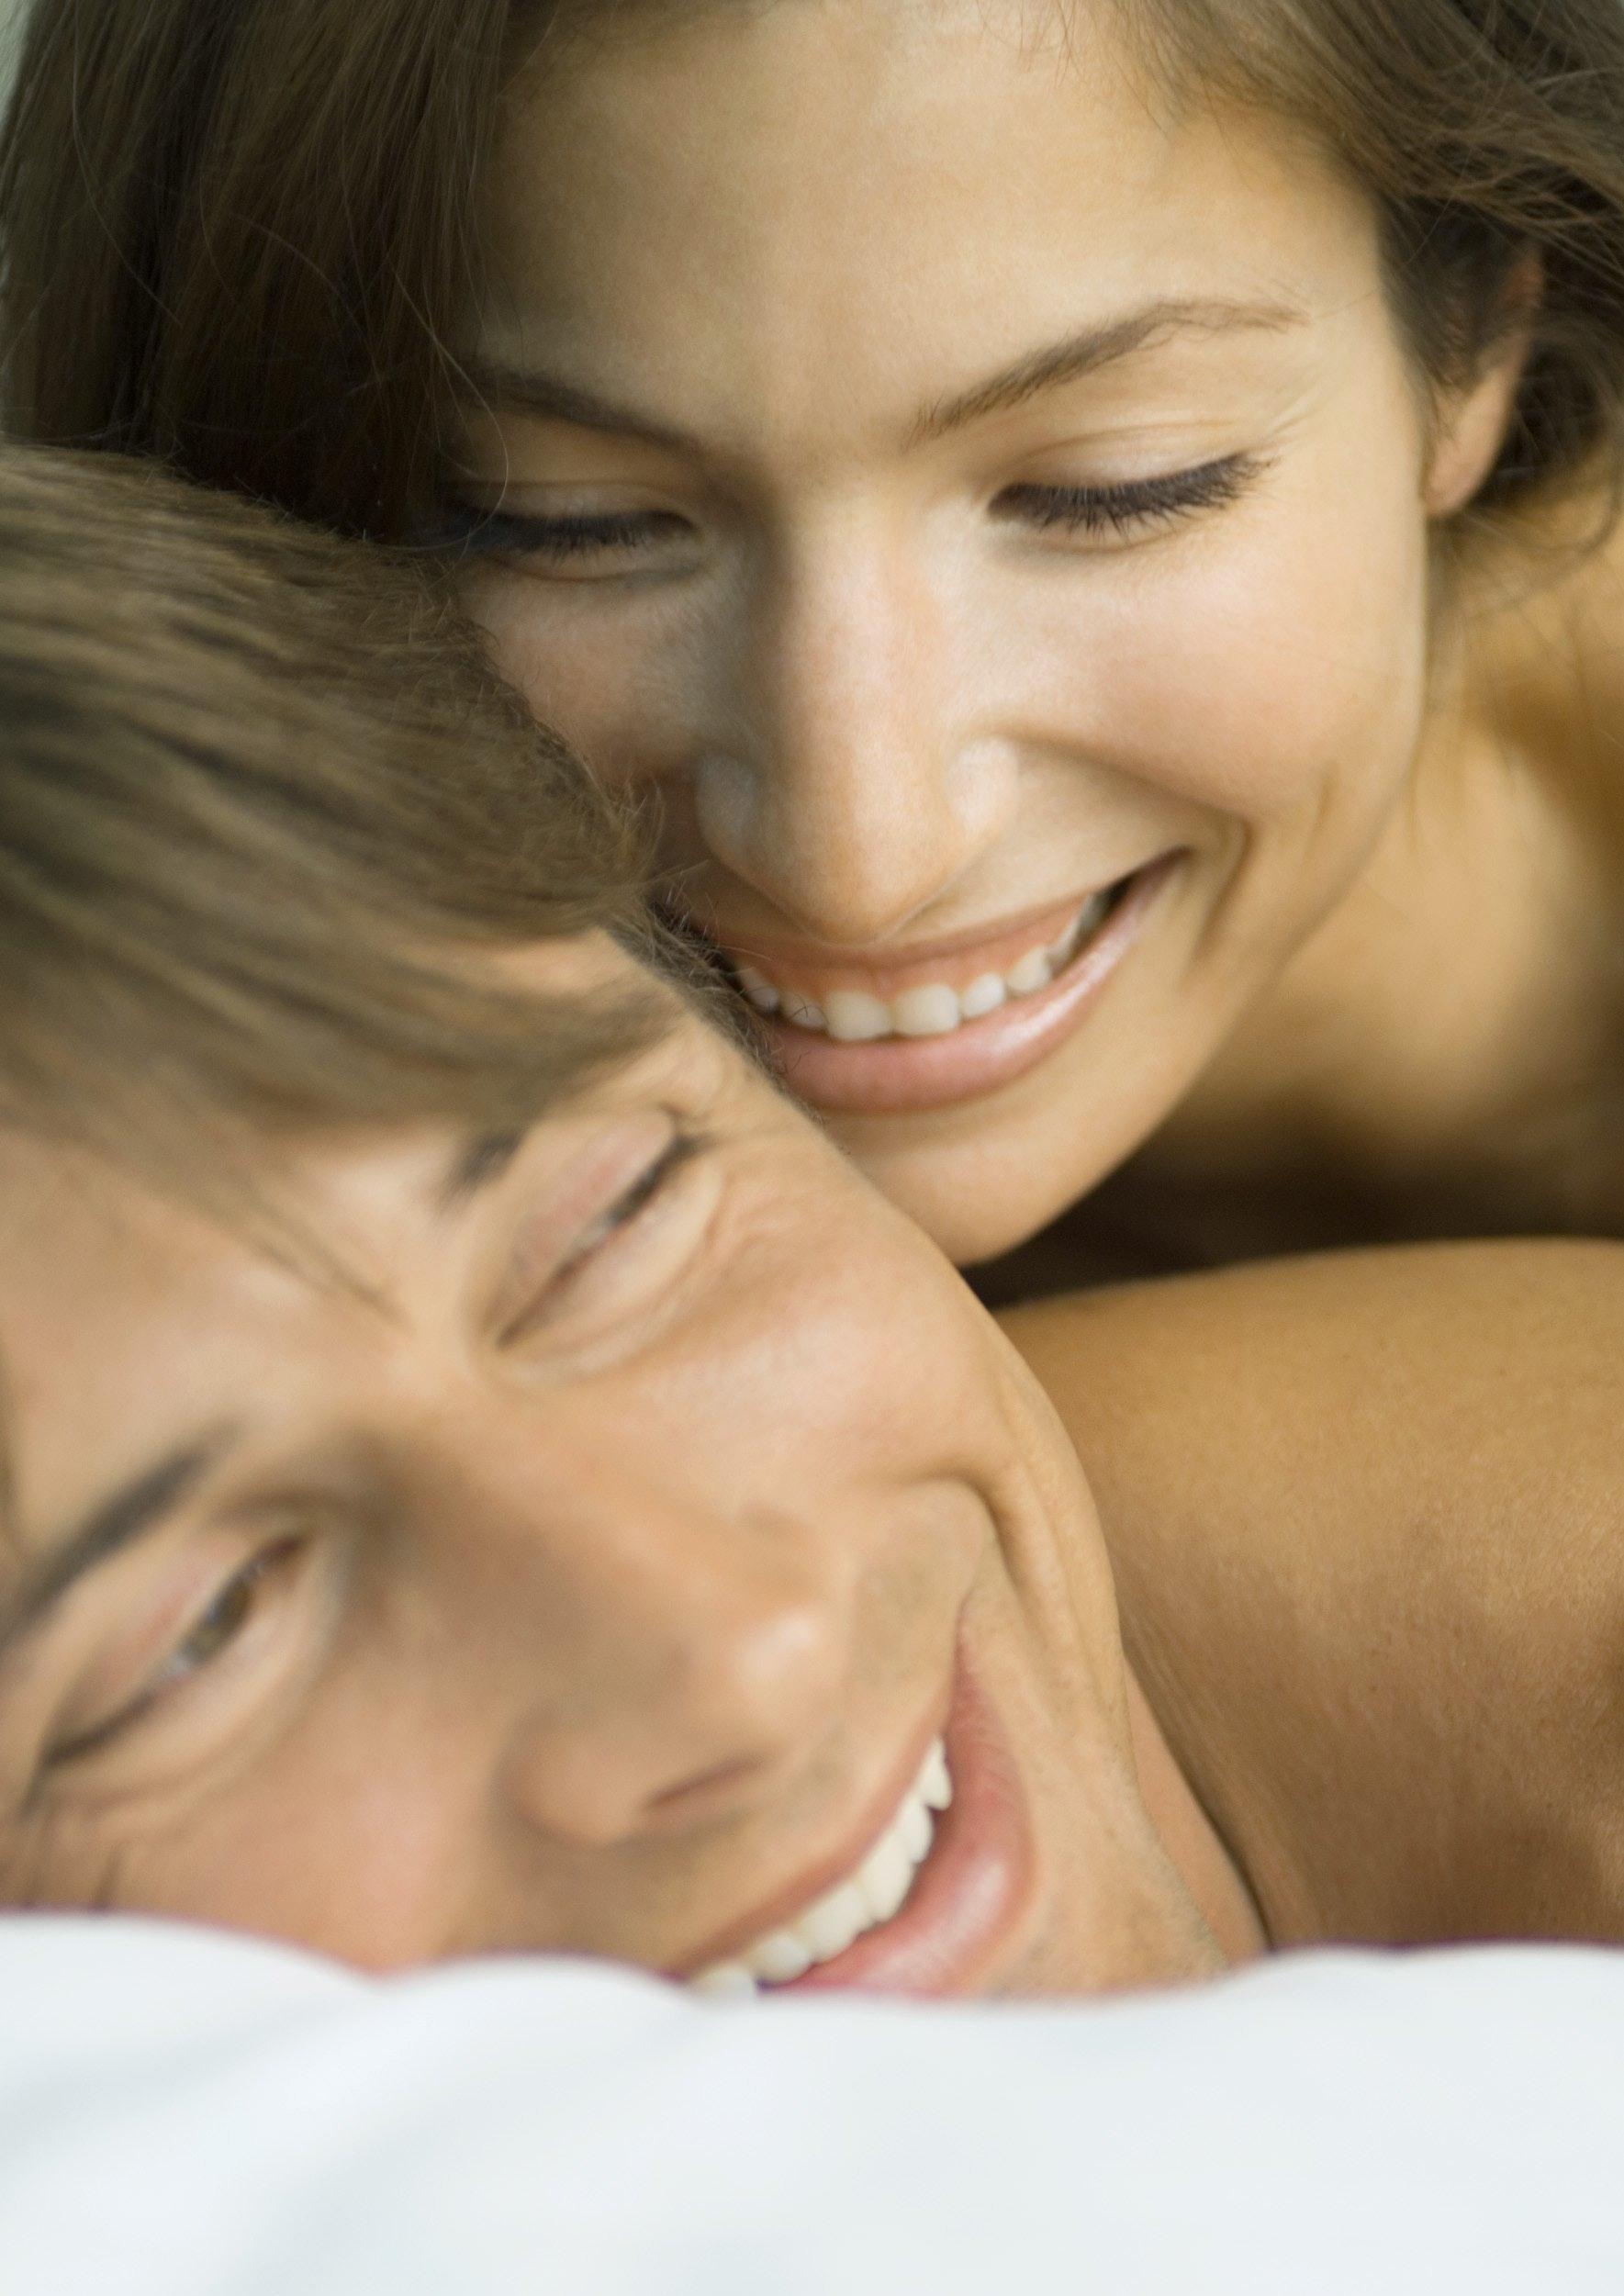 seksin puute kaunista seksiä